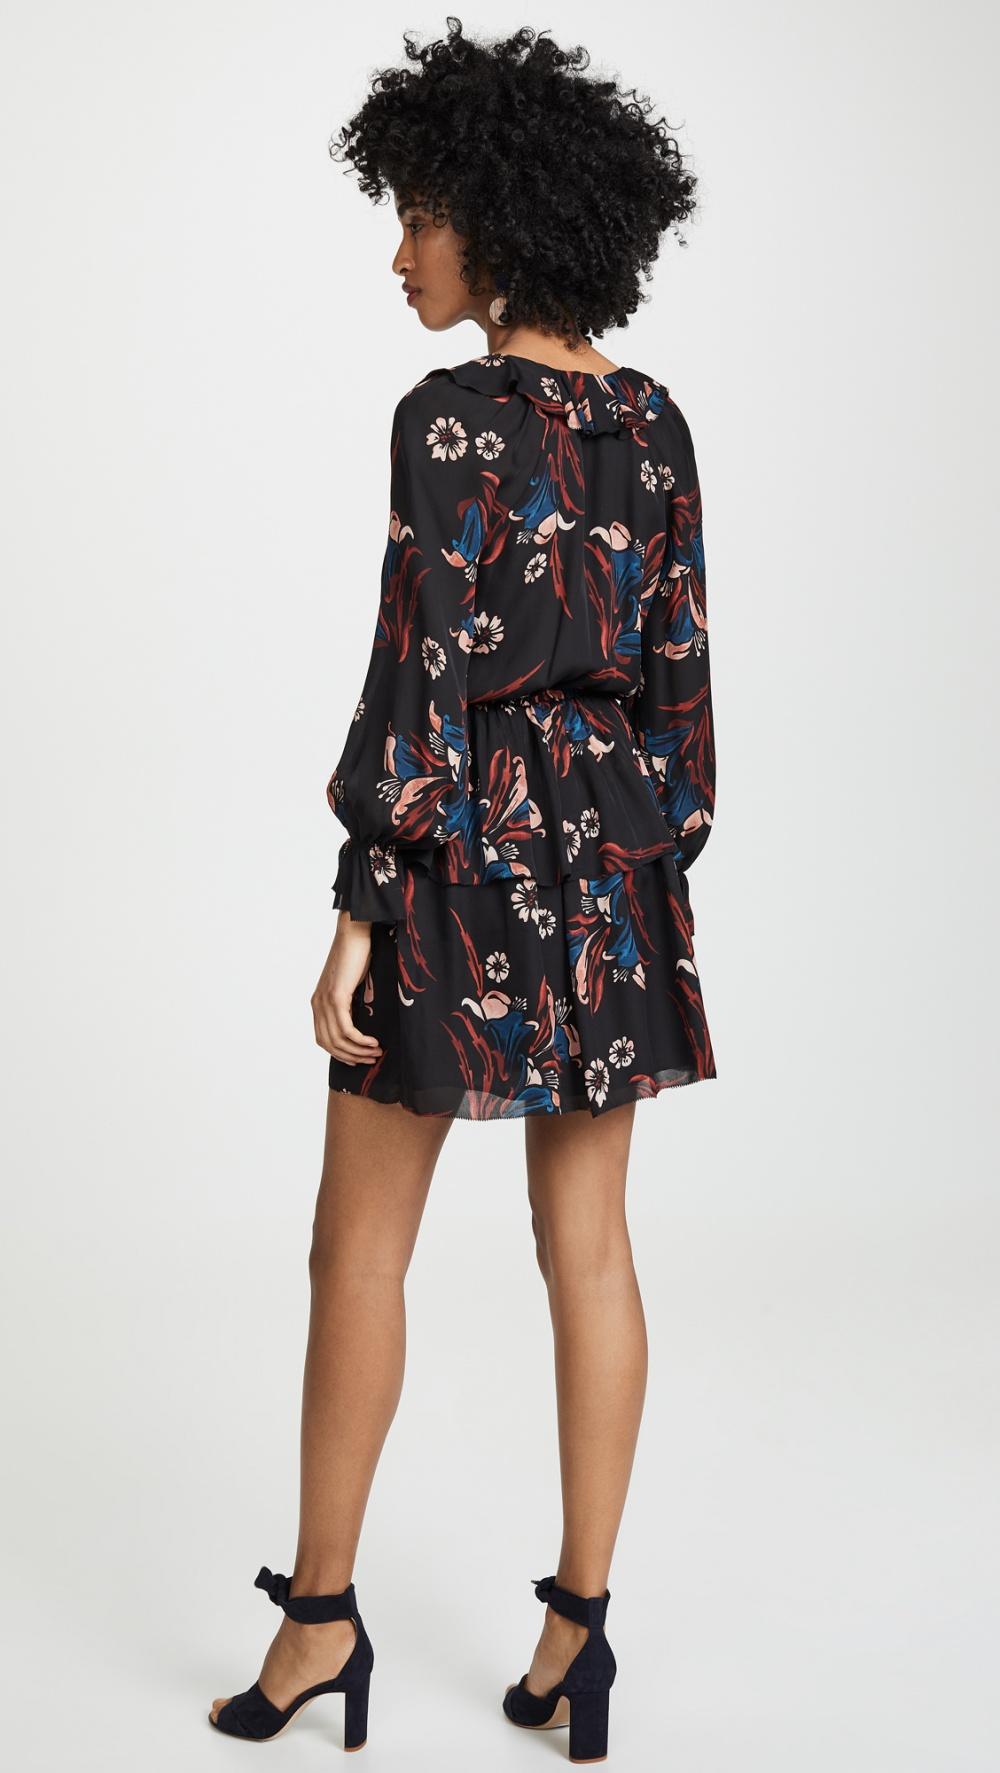 Шелковое платье Joie, размер М